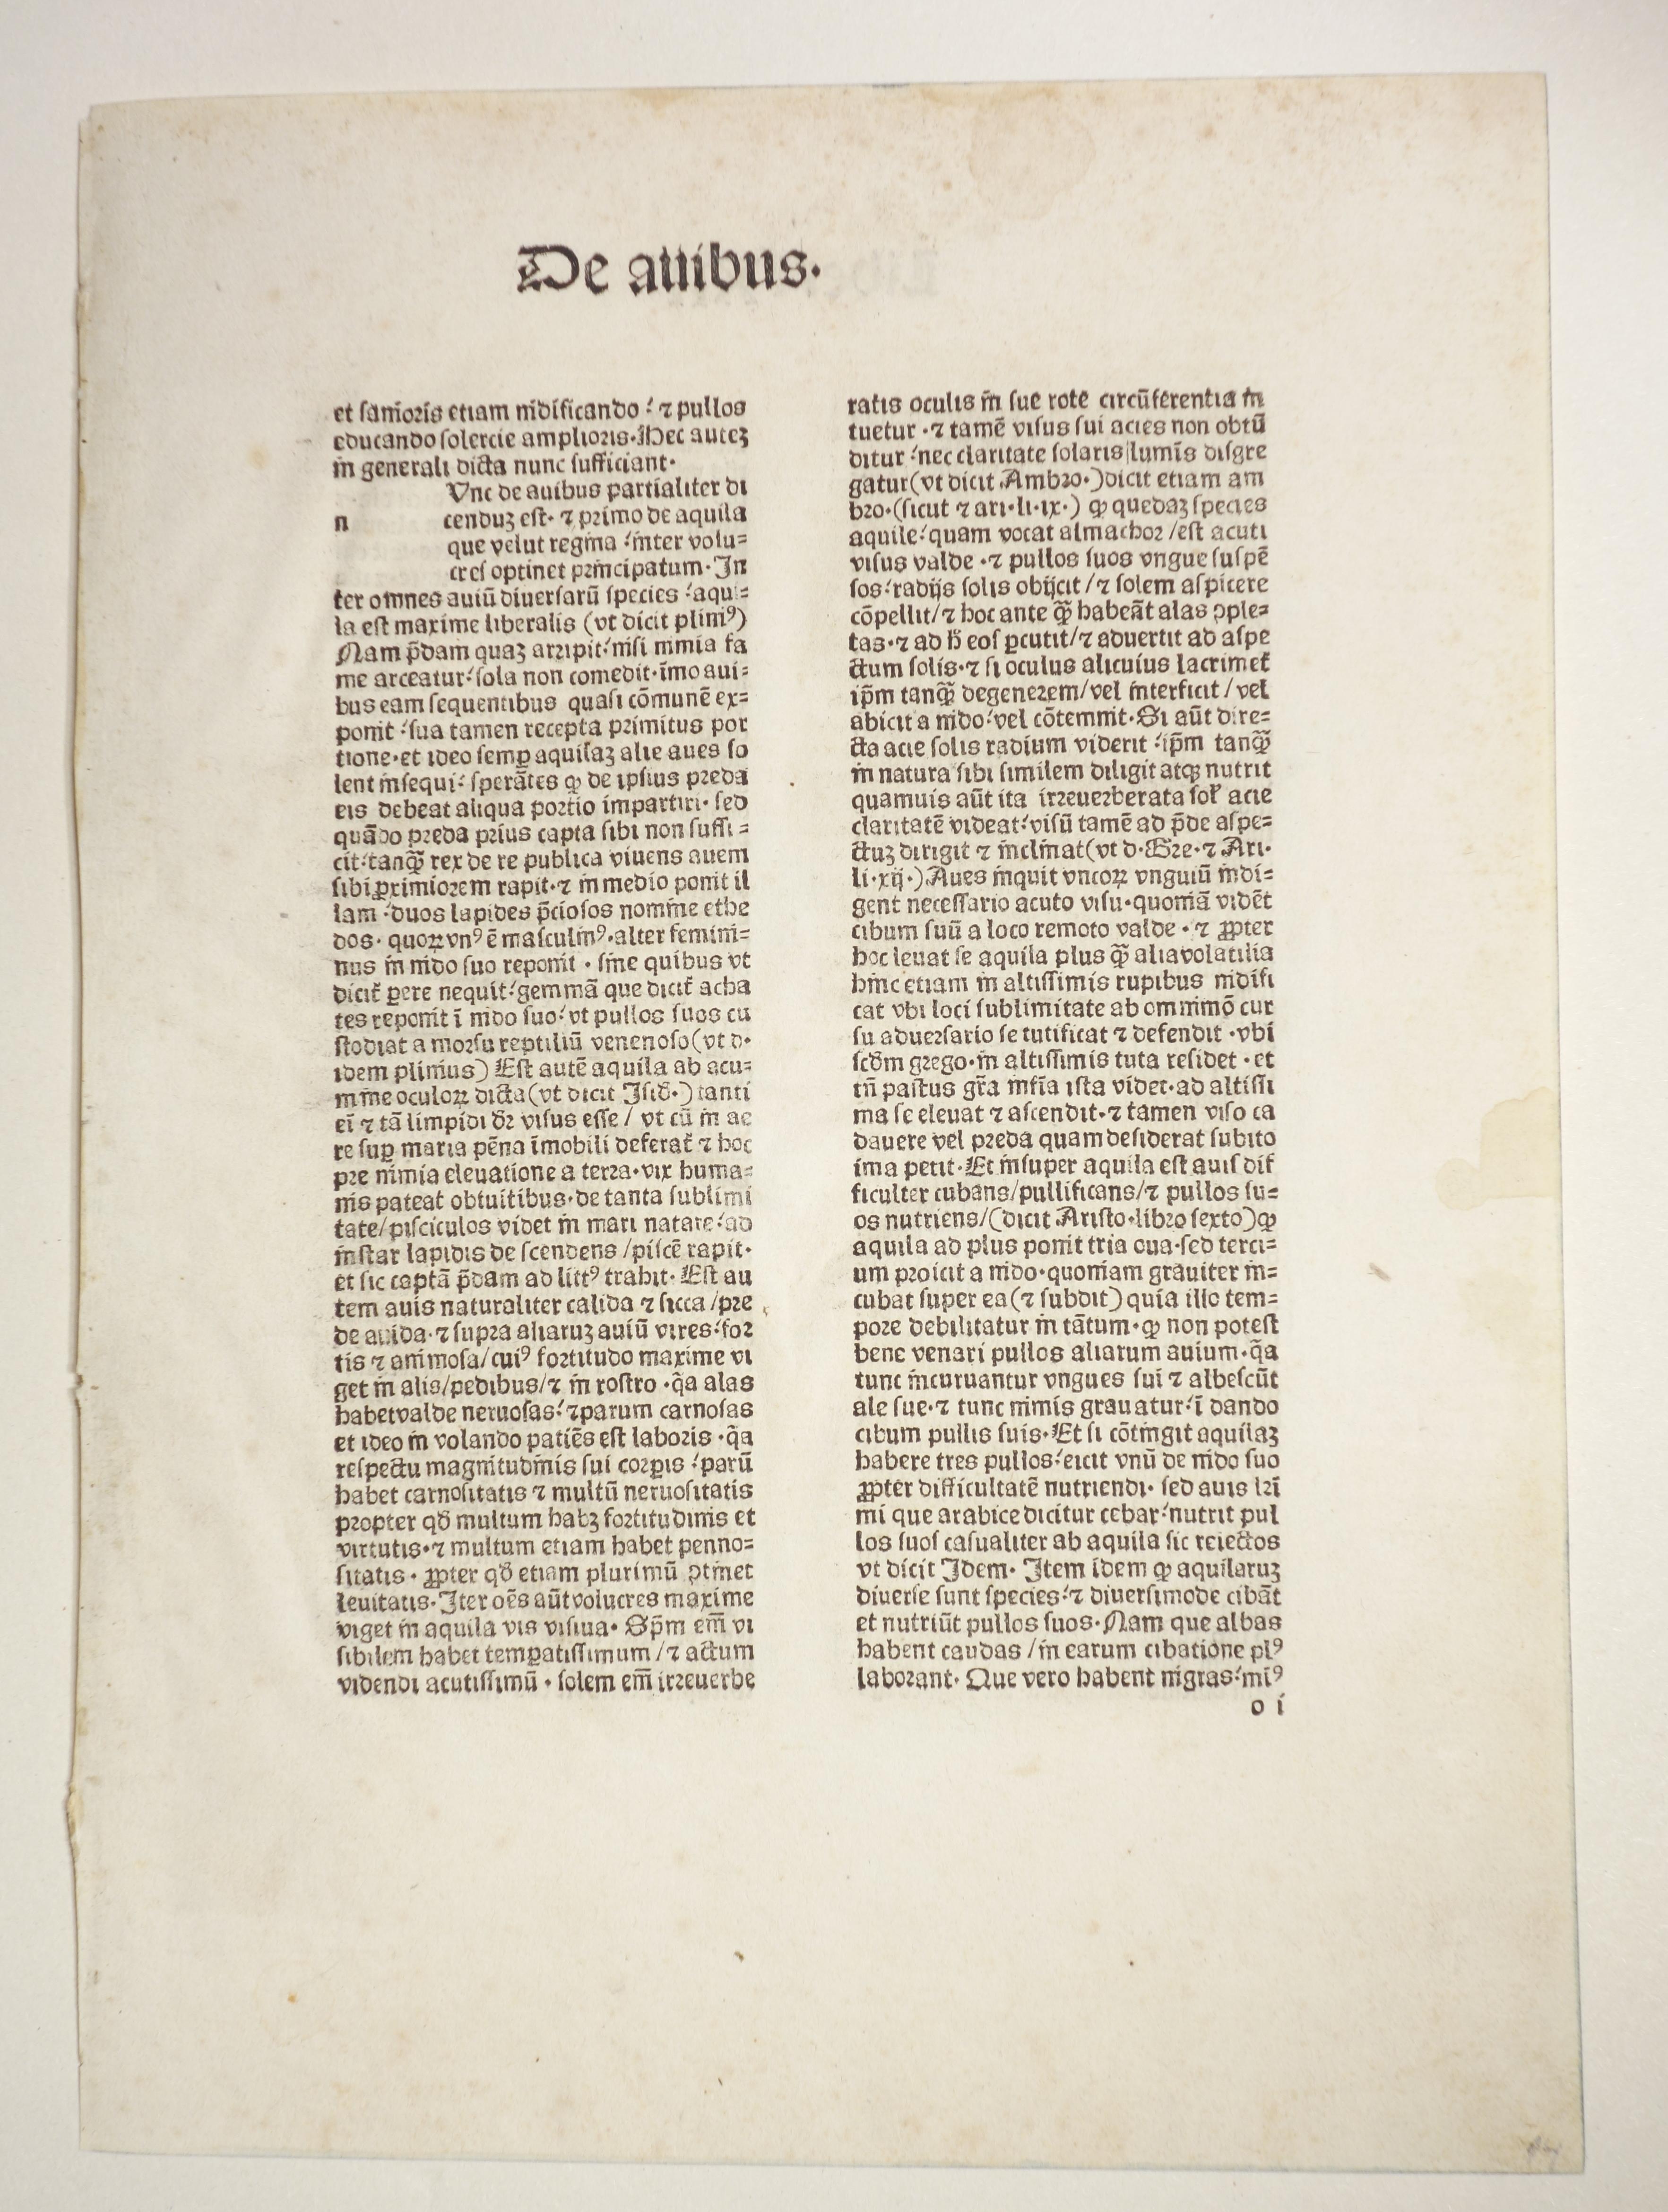 De proprietatibus rerum (GW 3404, HC 2500).: Bartholomaeus Anglicus: